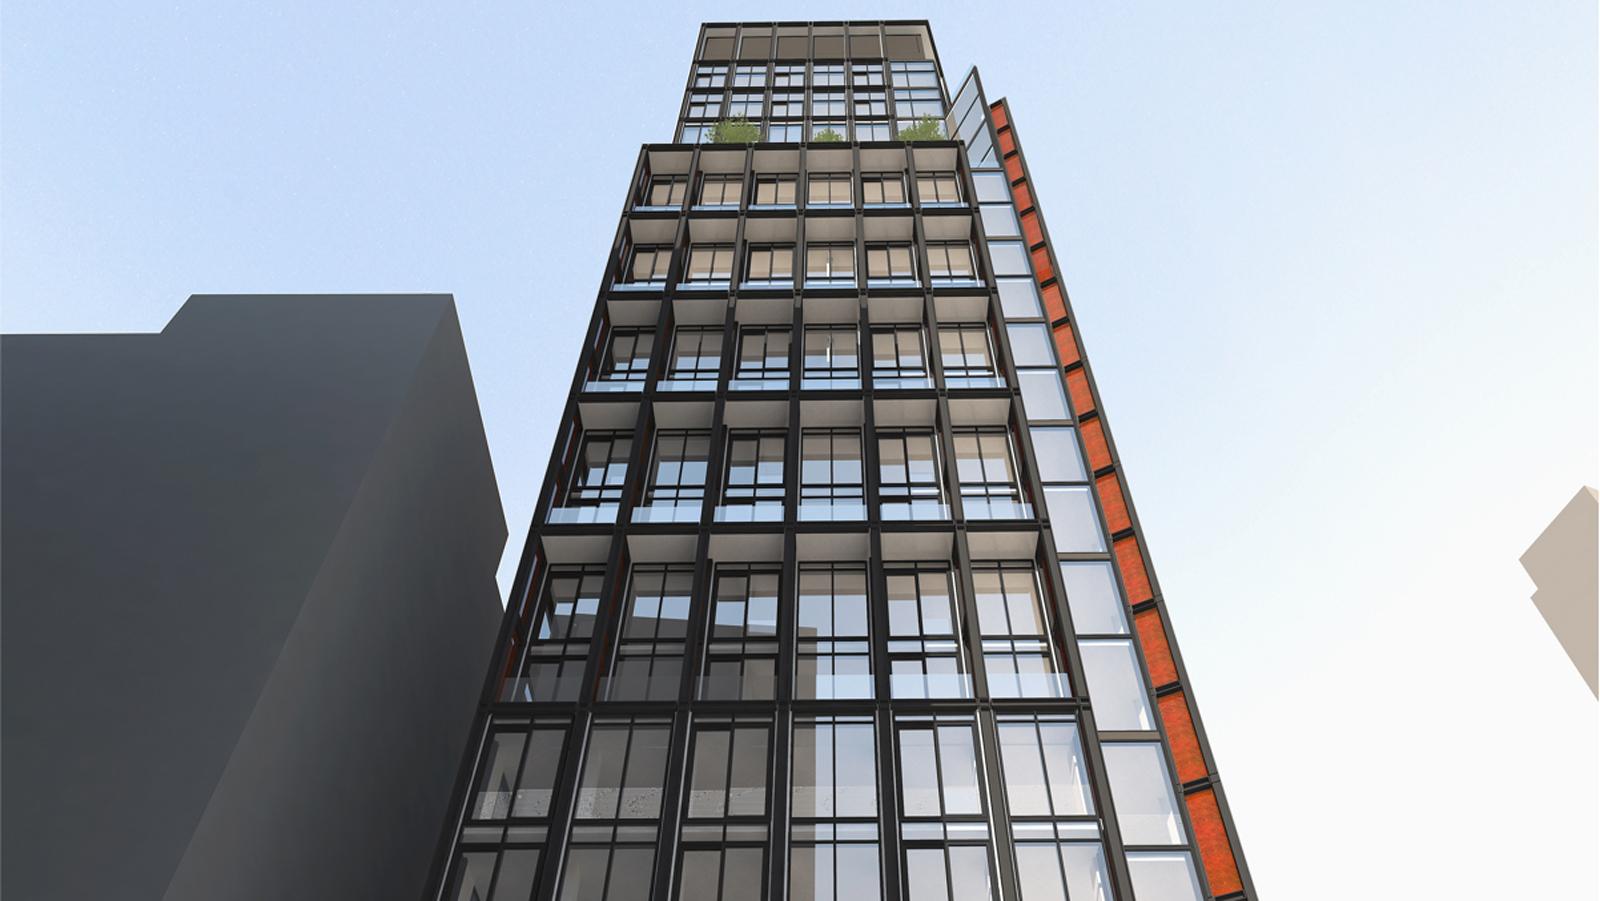 No. 33 Park Row, 33 Park Row